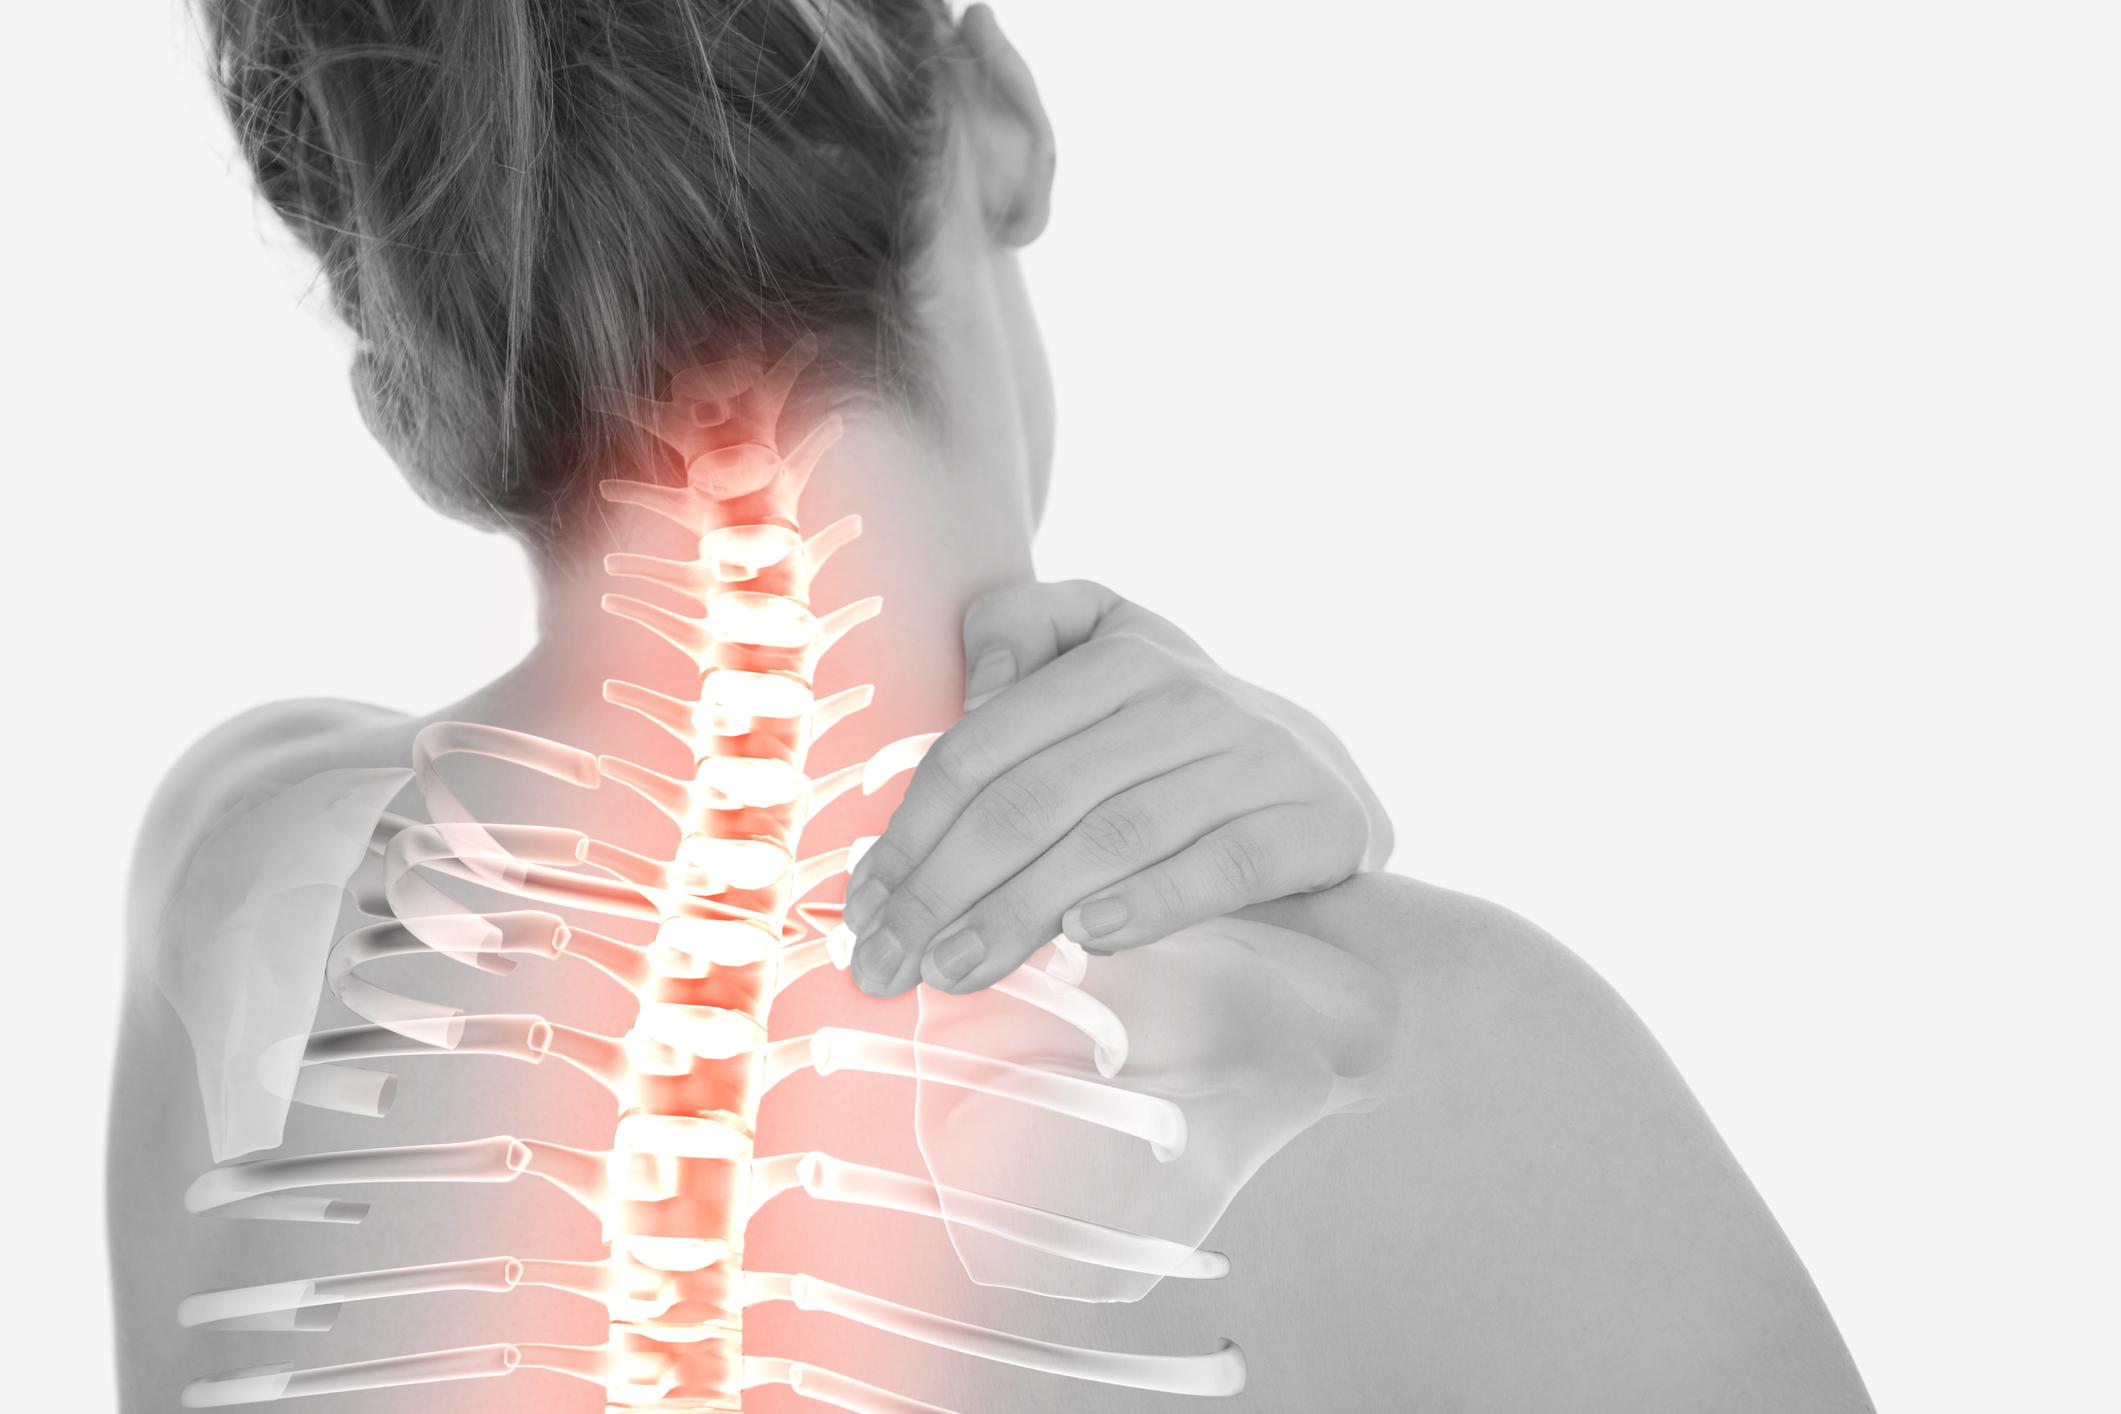 Защемление шейного позвонка симптомы лечение